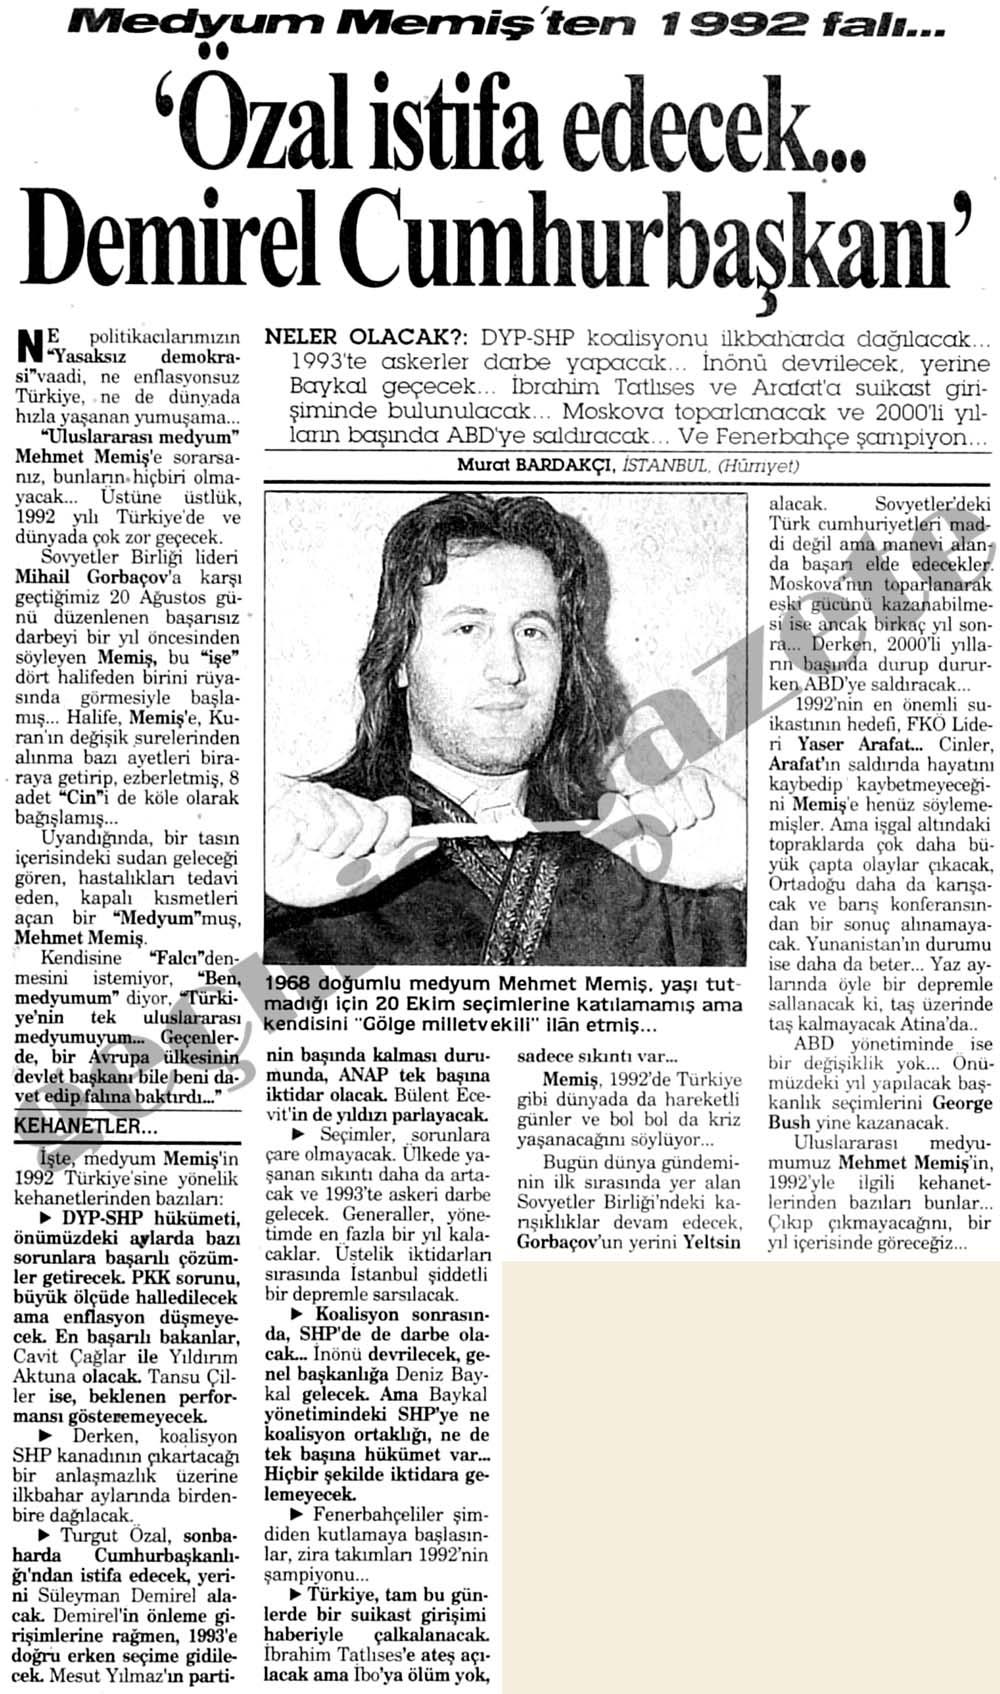 Medyum Memiş'ten 1992 falı...'Özal istifa edecek...Demirel Cumhurbaşkanı'